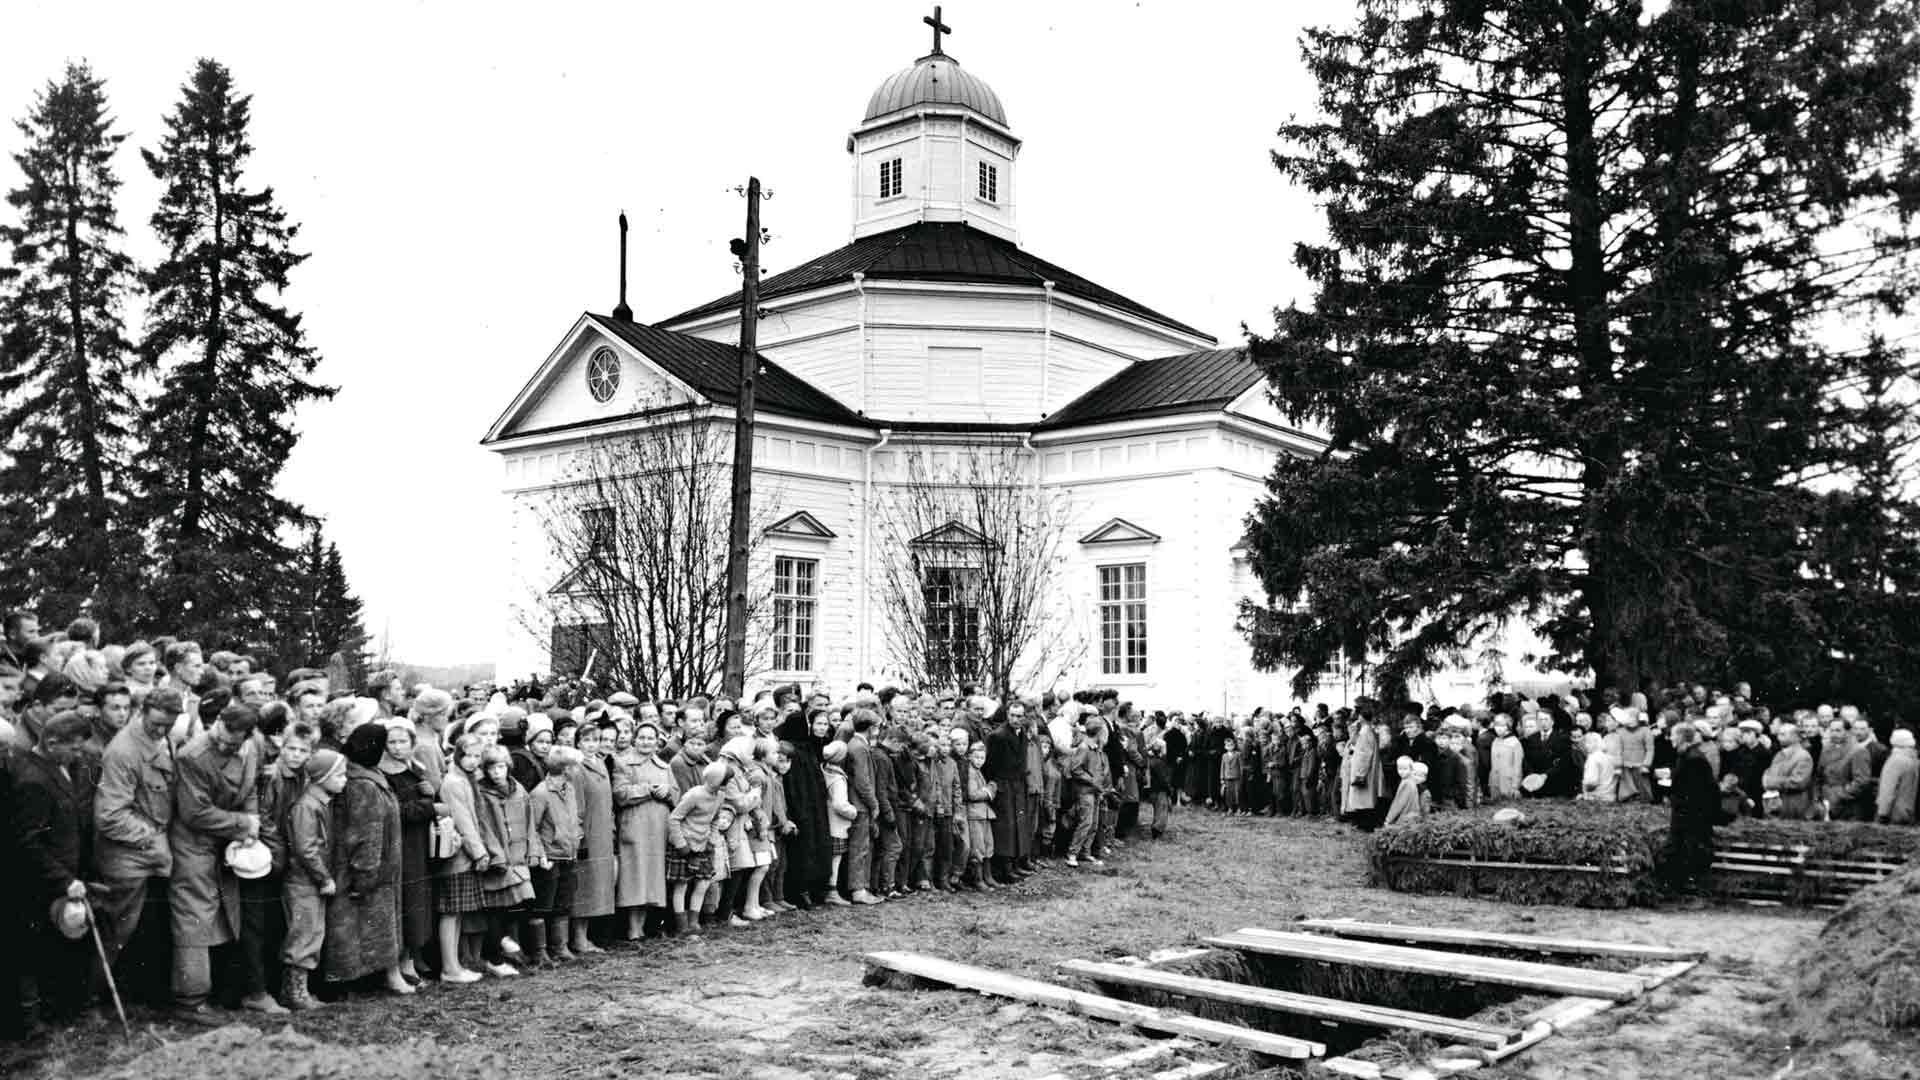 Veneonnettomuuden nuoret uhrit haudattiin Juuan kirkkomaahan lokakuun 16. päivänä vuonna 1959.